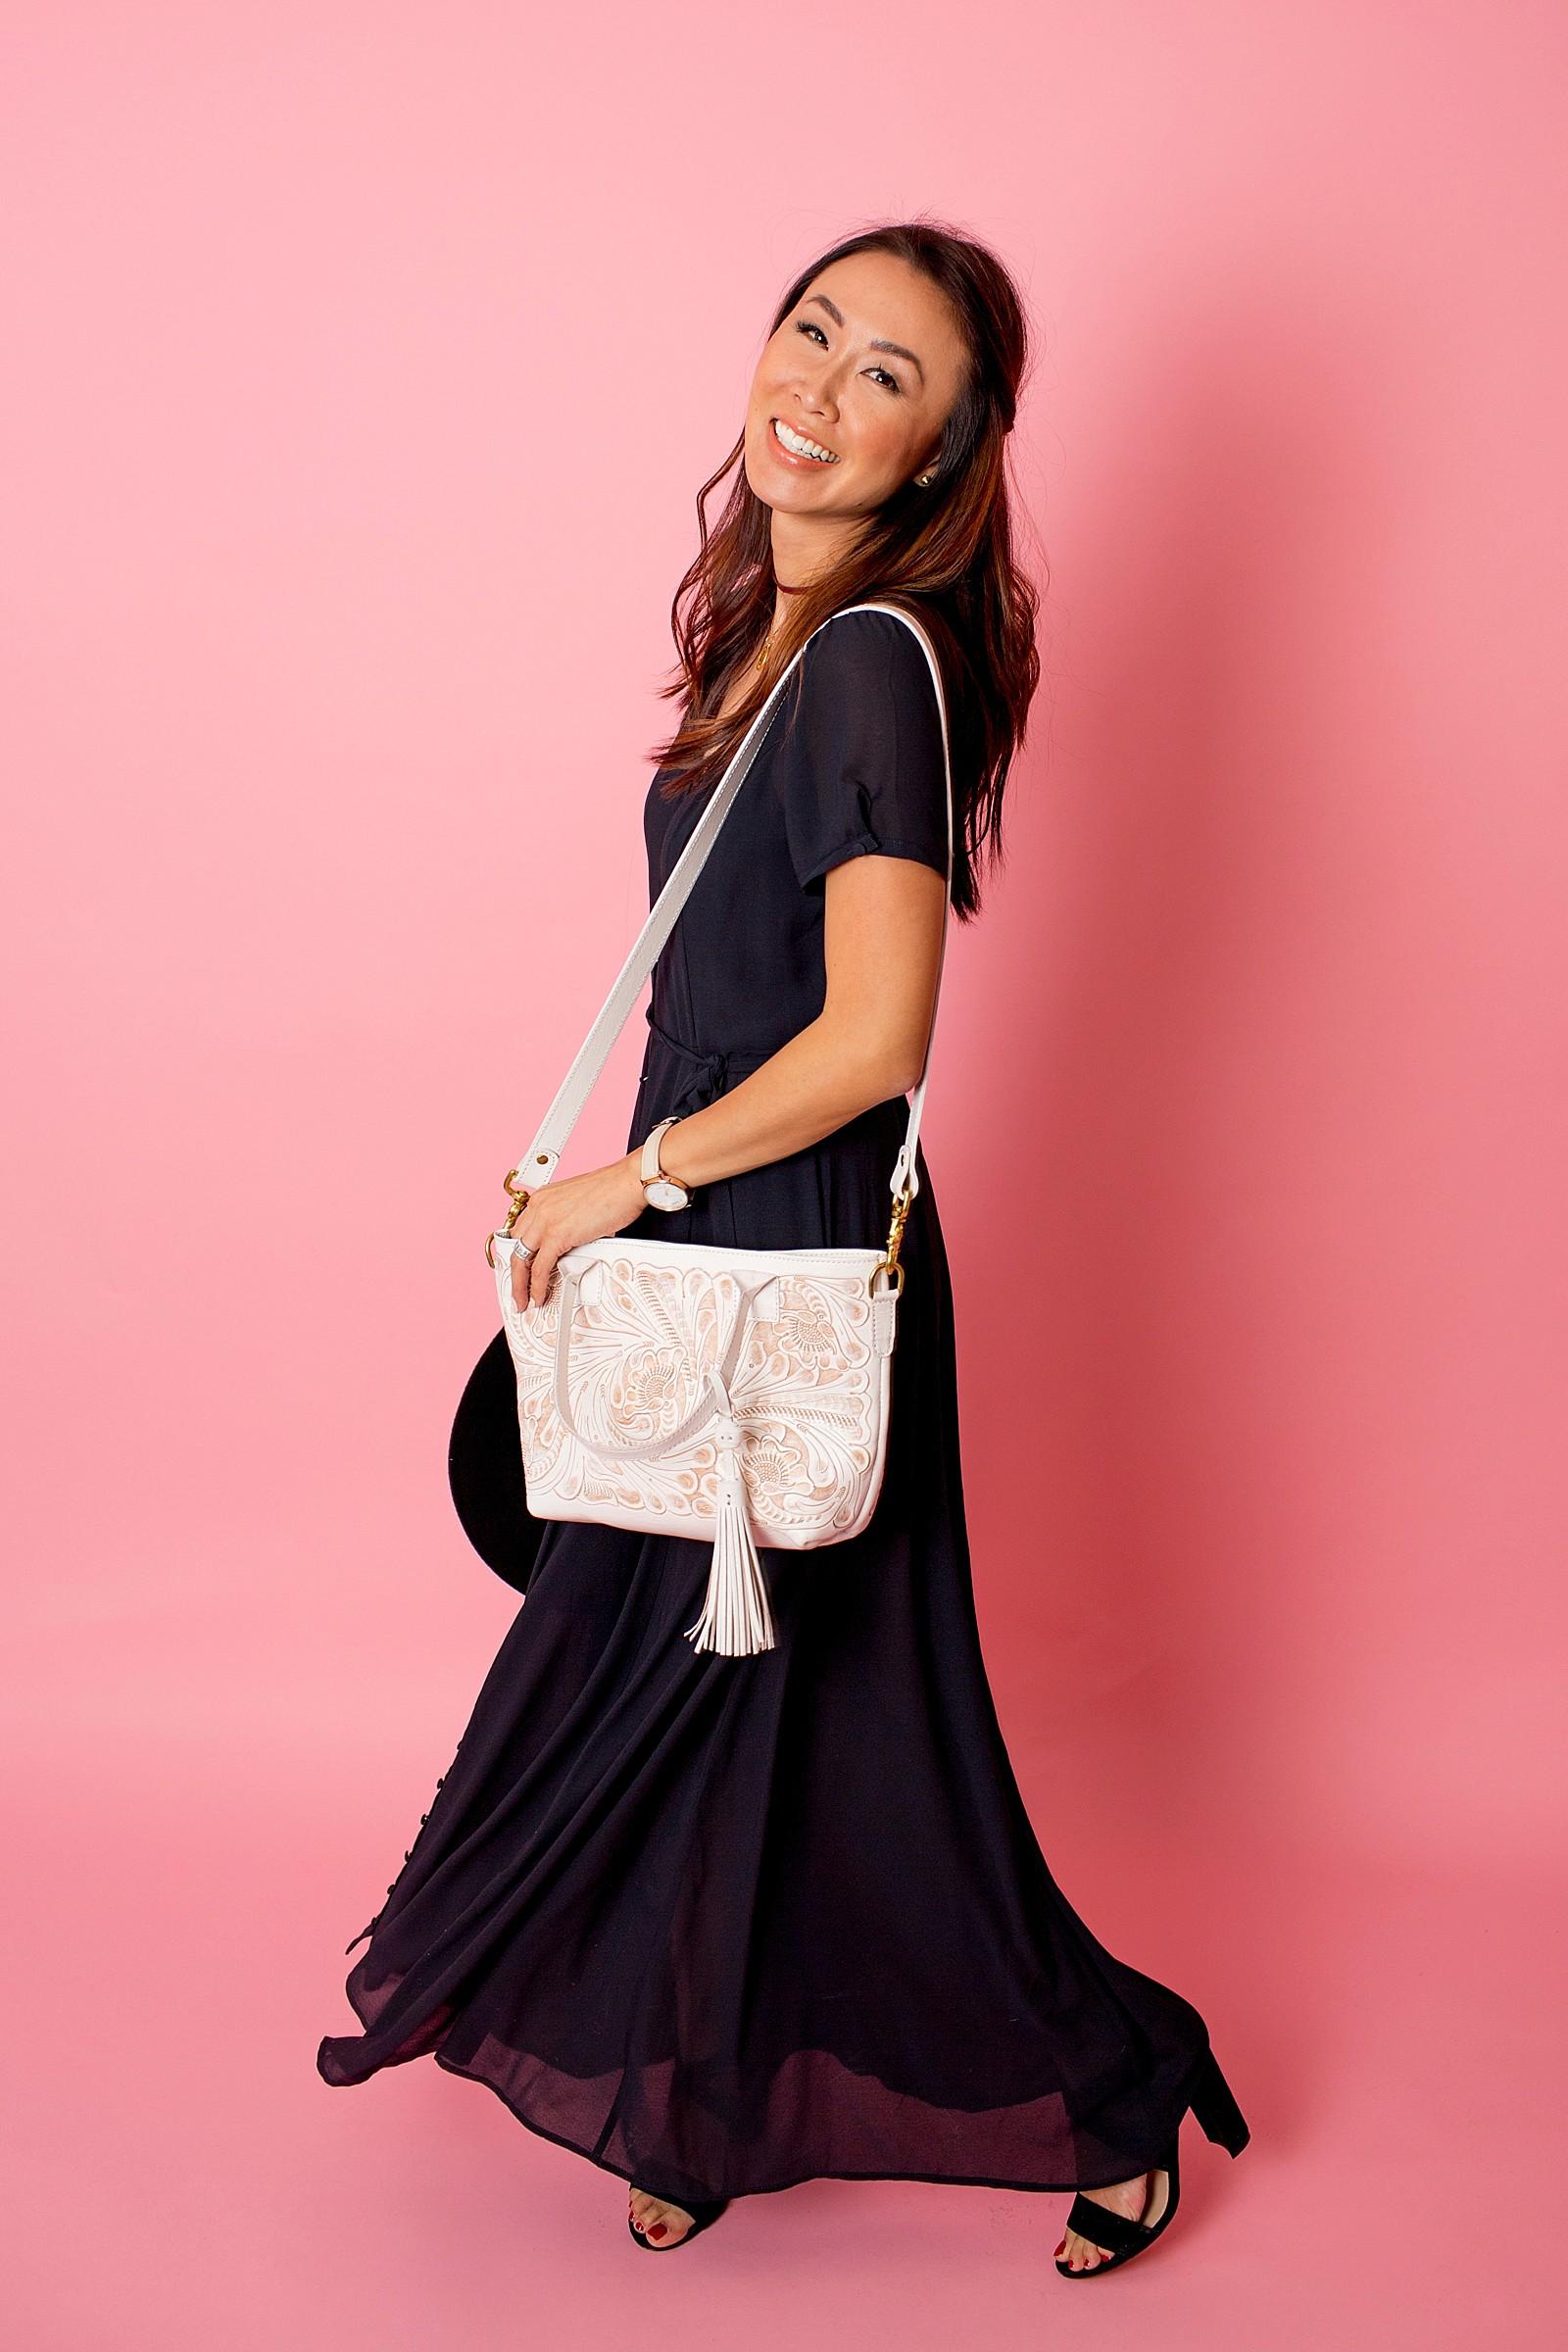 leather-tooled-purse-white-handbag-mexico-buy-order-chiseled-western-tassel-tote-purse-diana-elizabeth-lifestyle-fashion-blogger-phoenix-arizona-1553